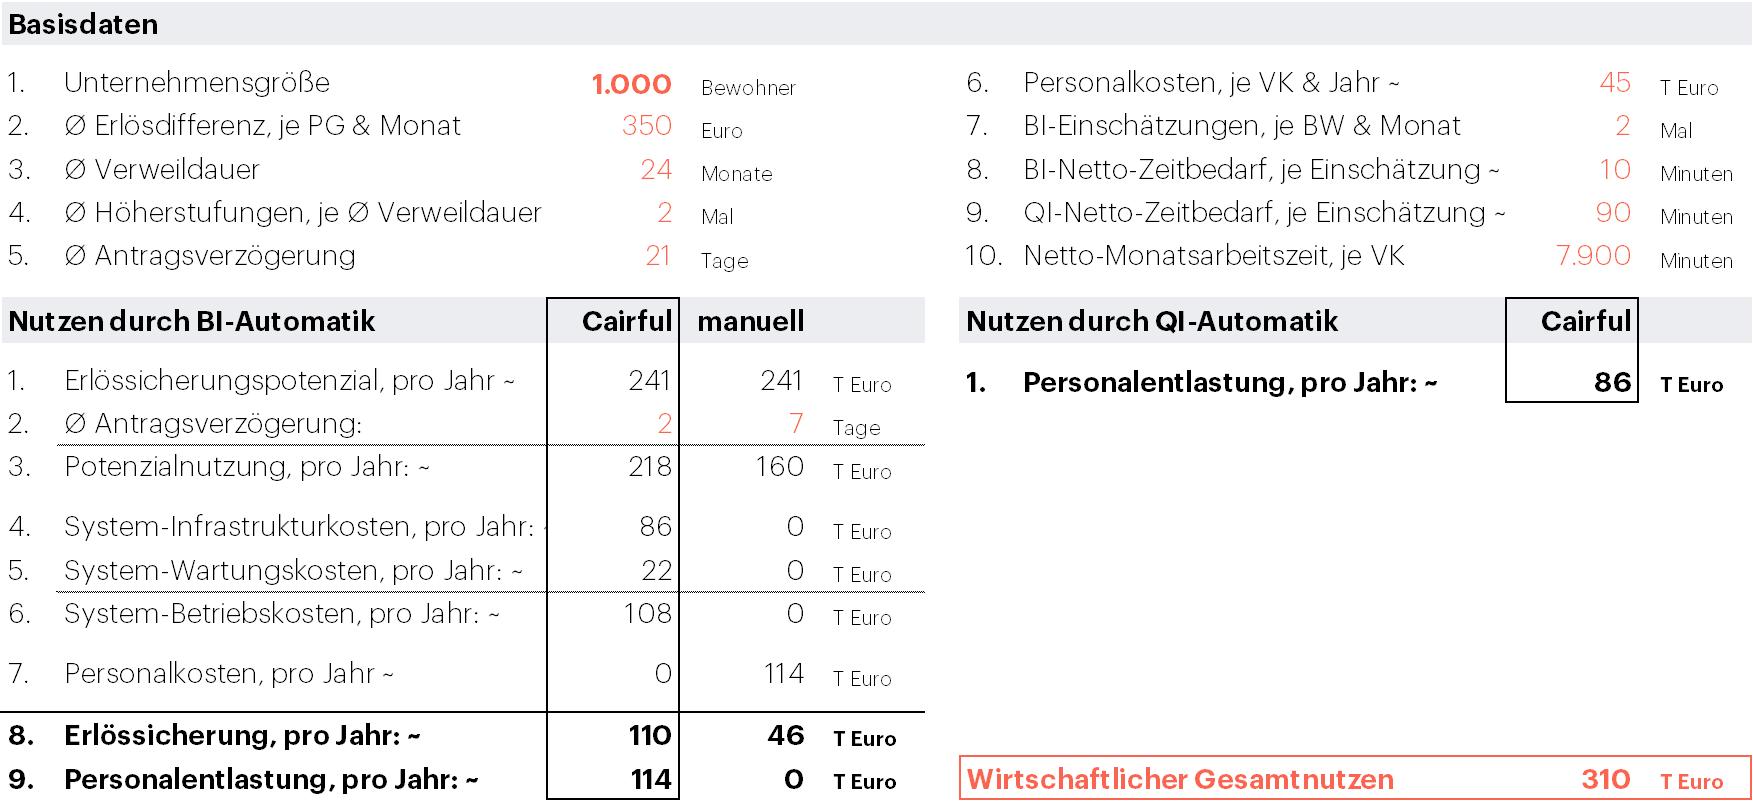 Cairful-Pflege - Nutzenrechnung - Cairful-GmbH